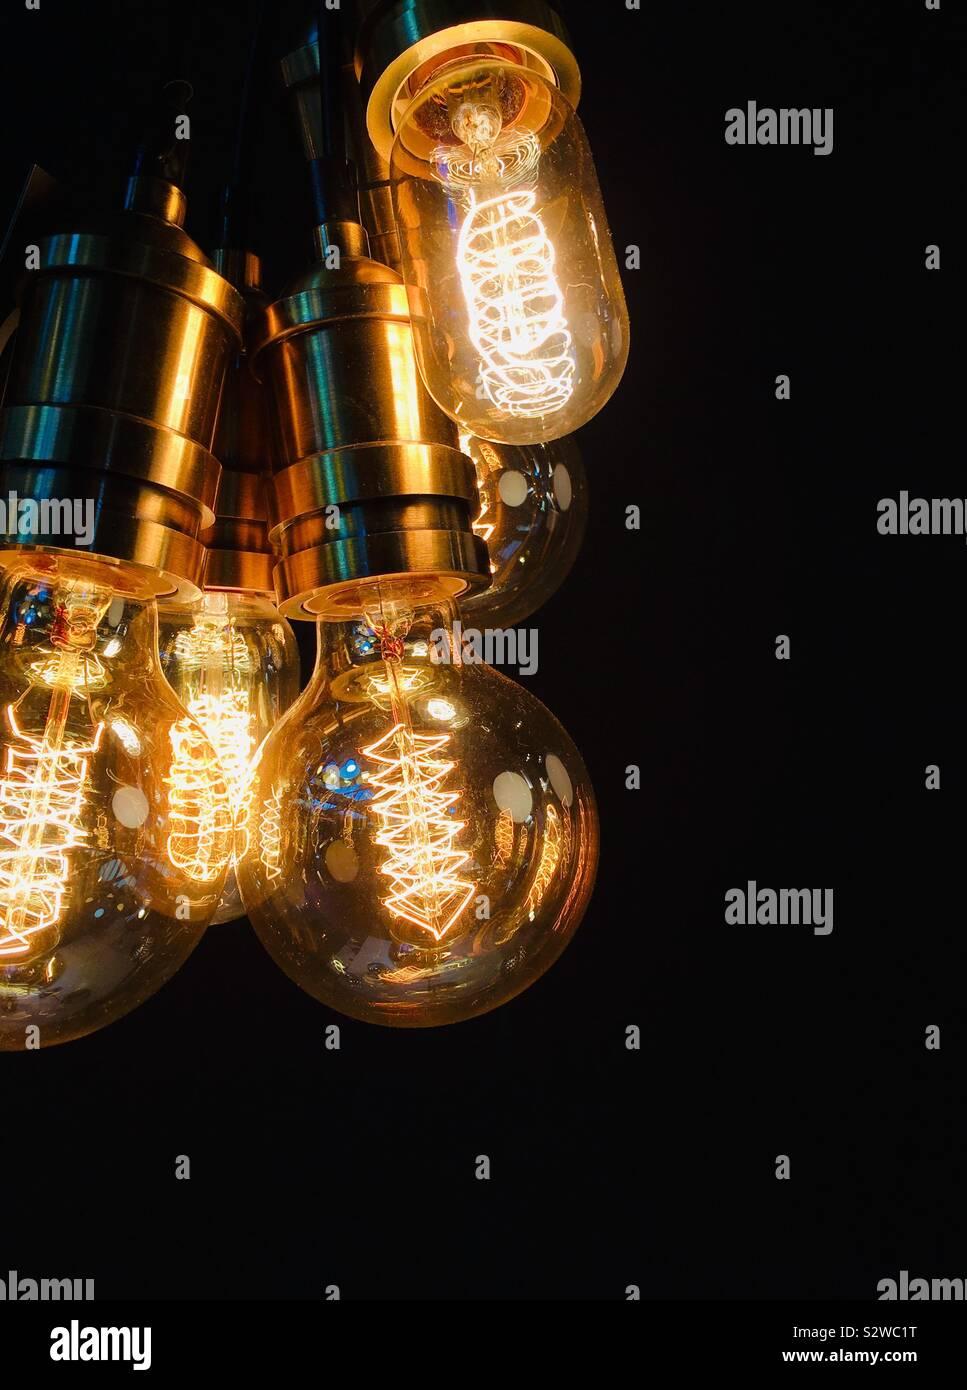 Vintage Style iluminado bombillas Foto de stock